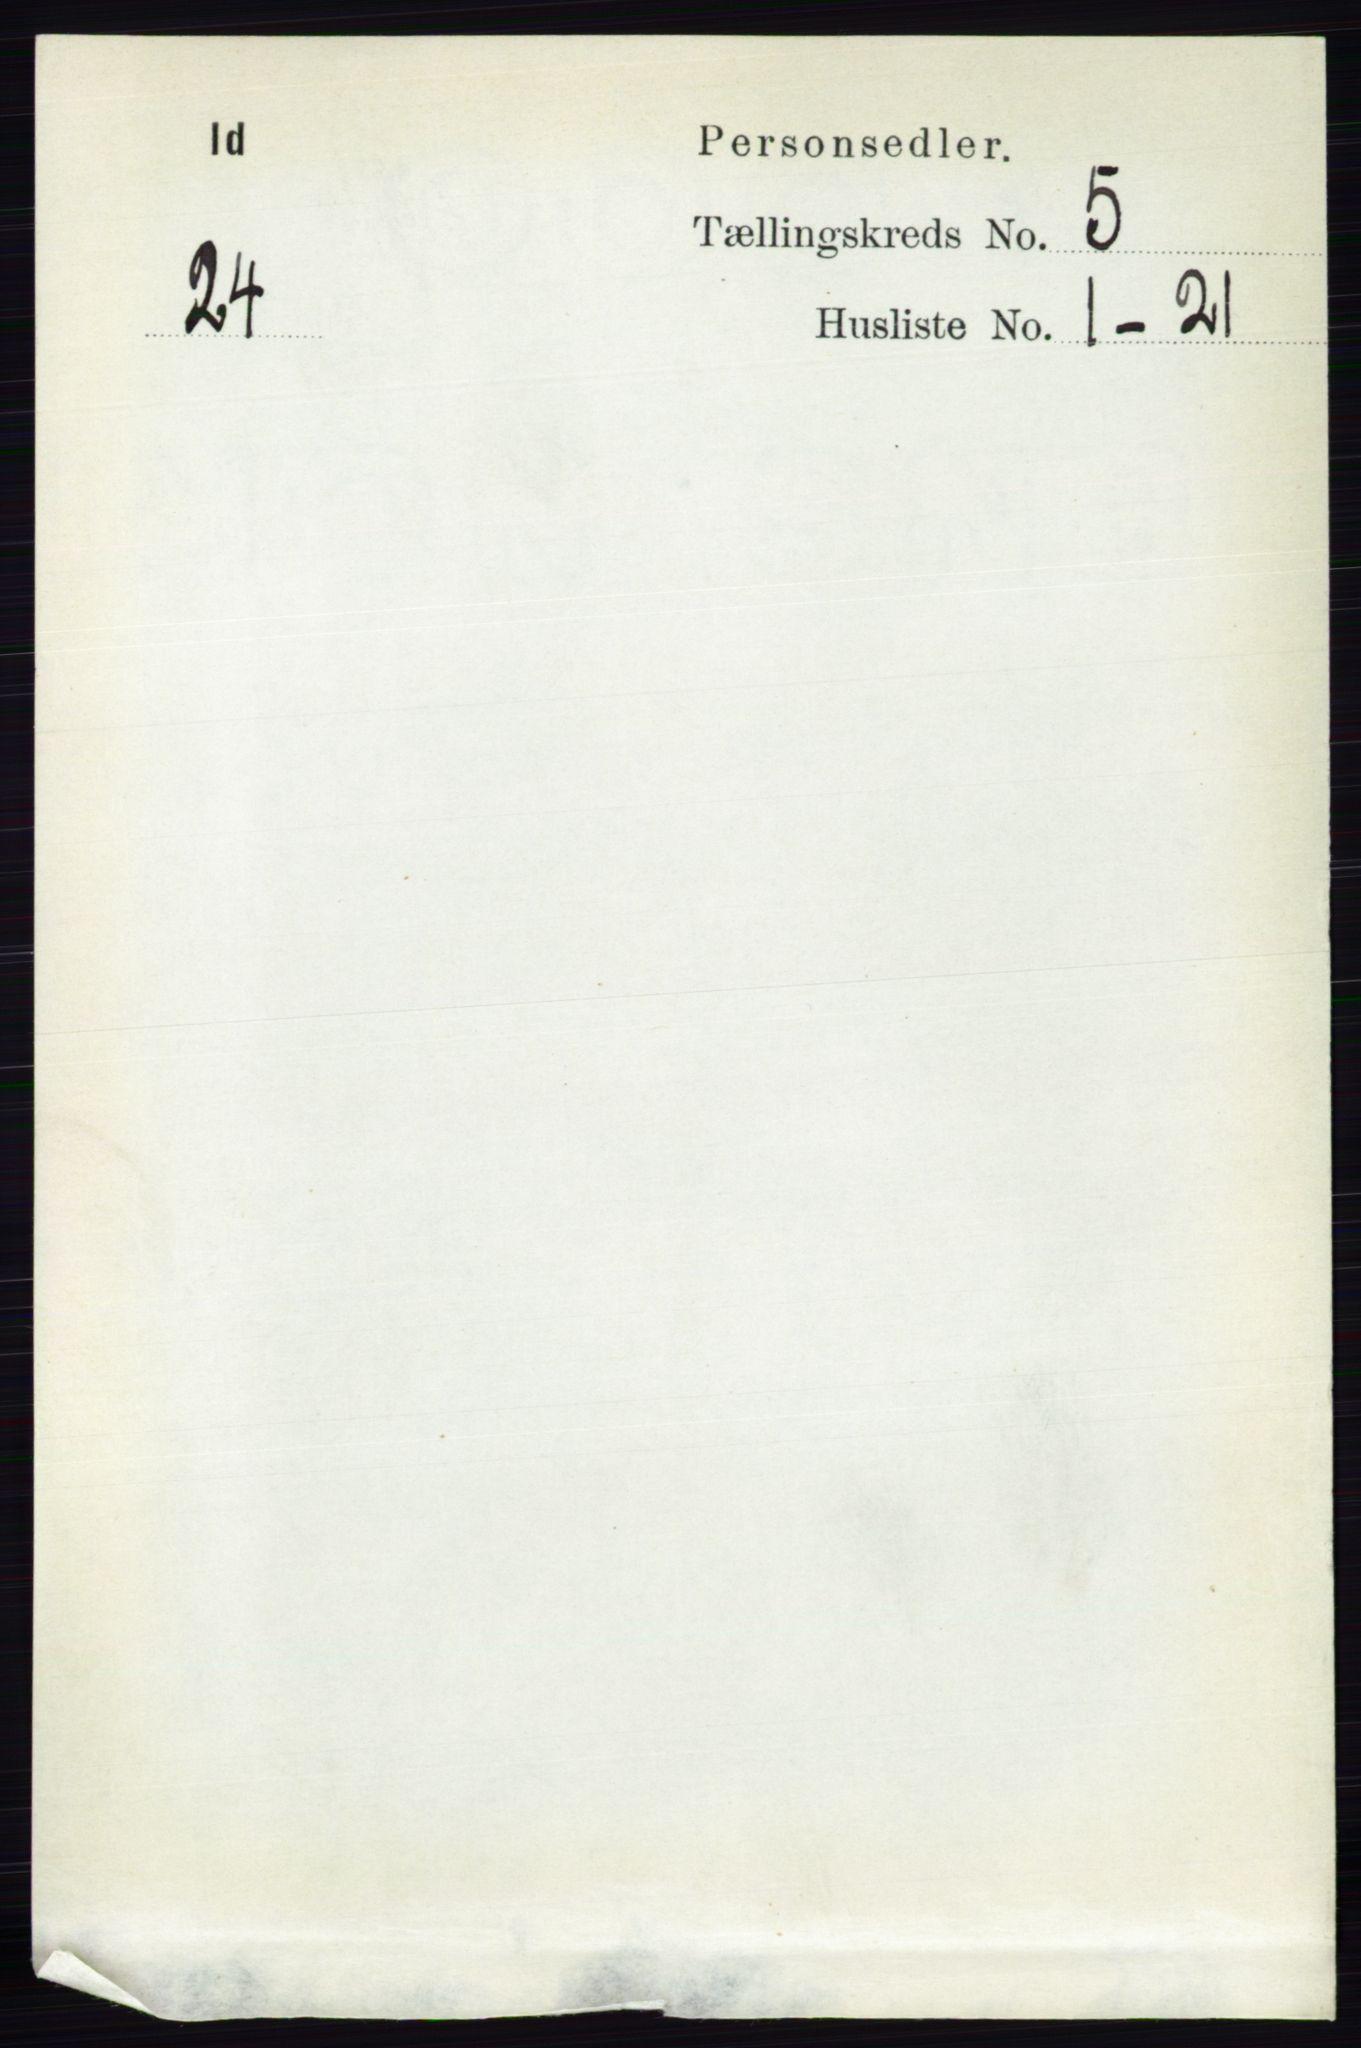 RA, Folketelling 1891 for 0117 Idd herred, 1891, s. 3225